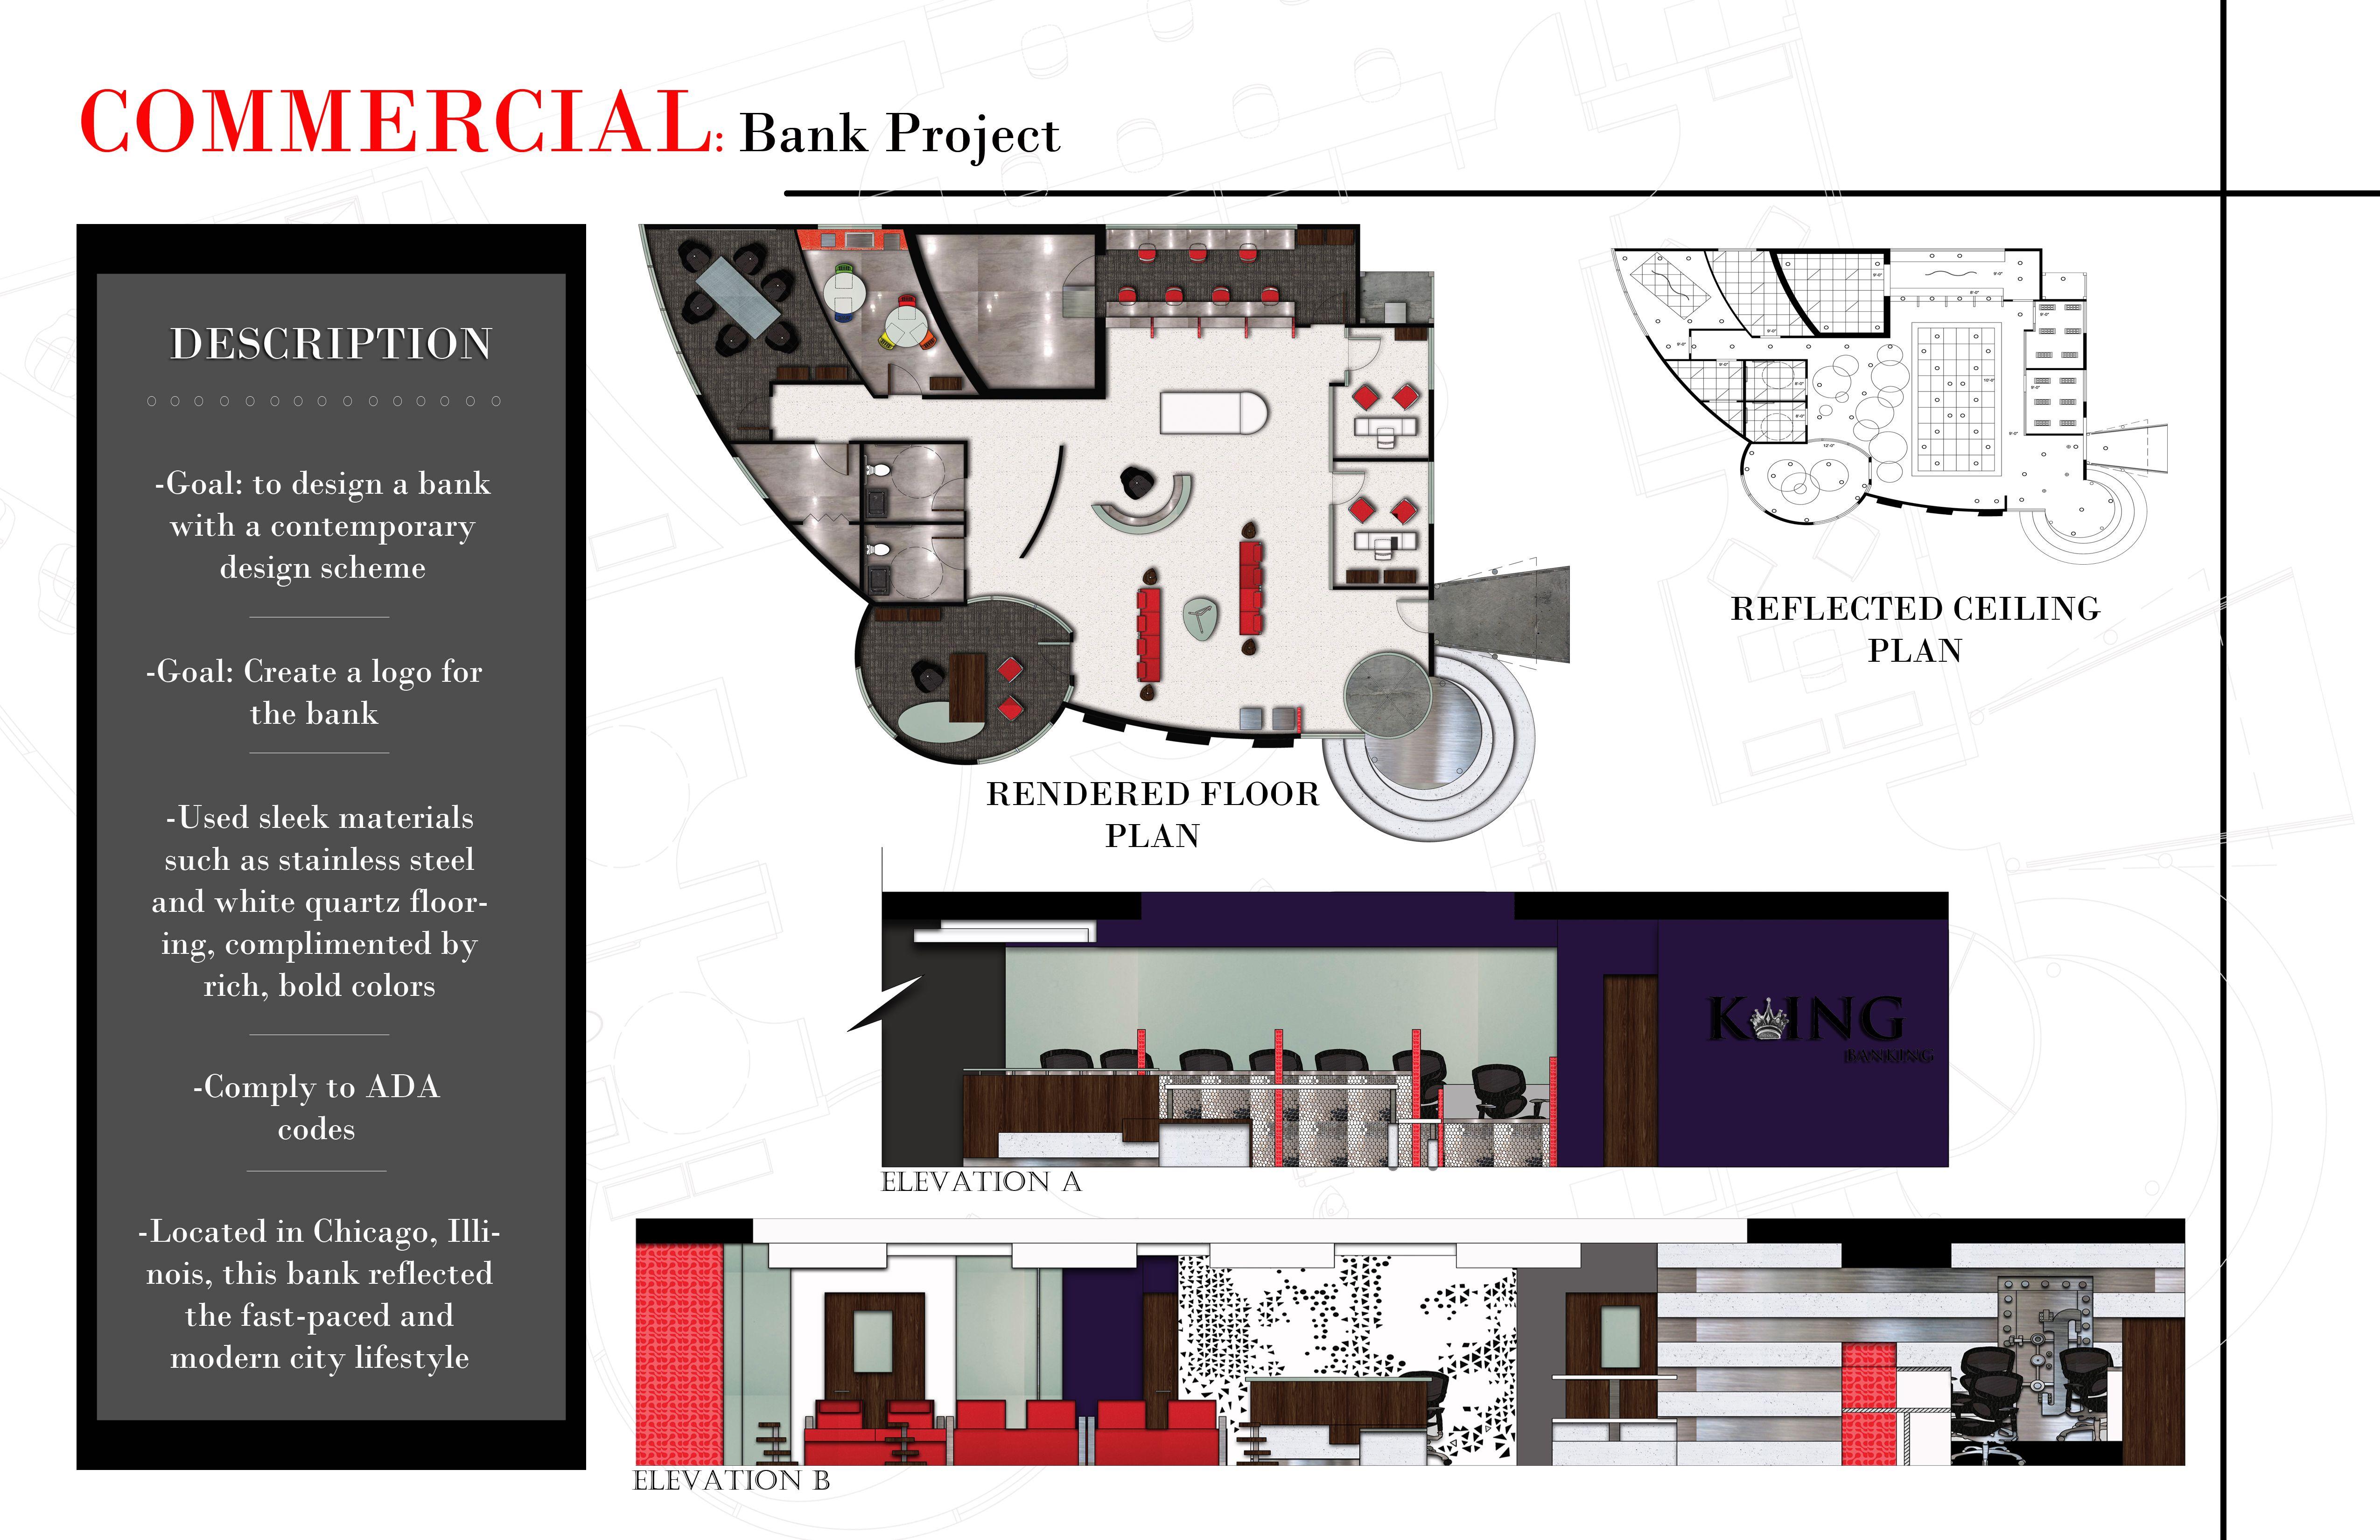 Explore Interior Design Boards And More!